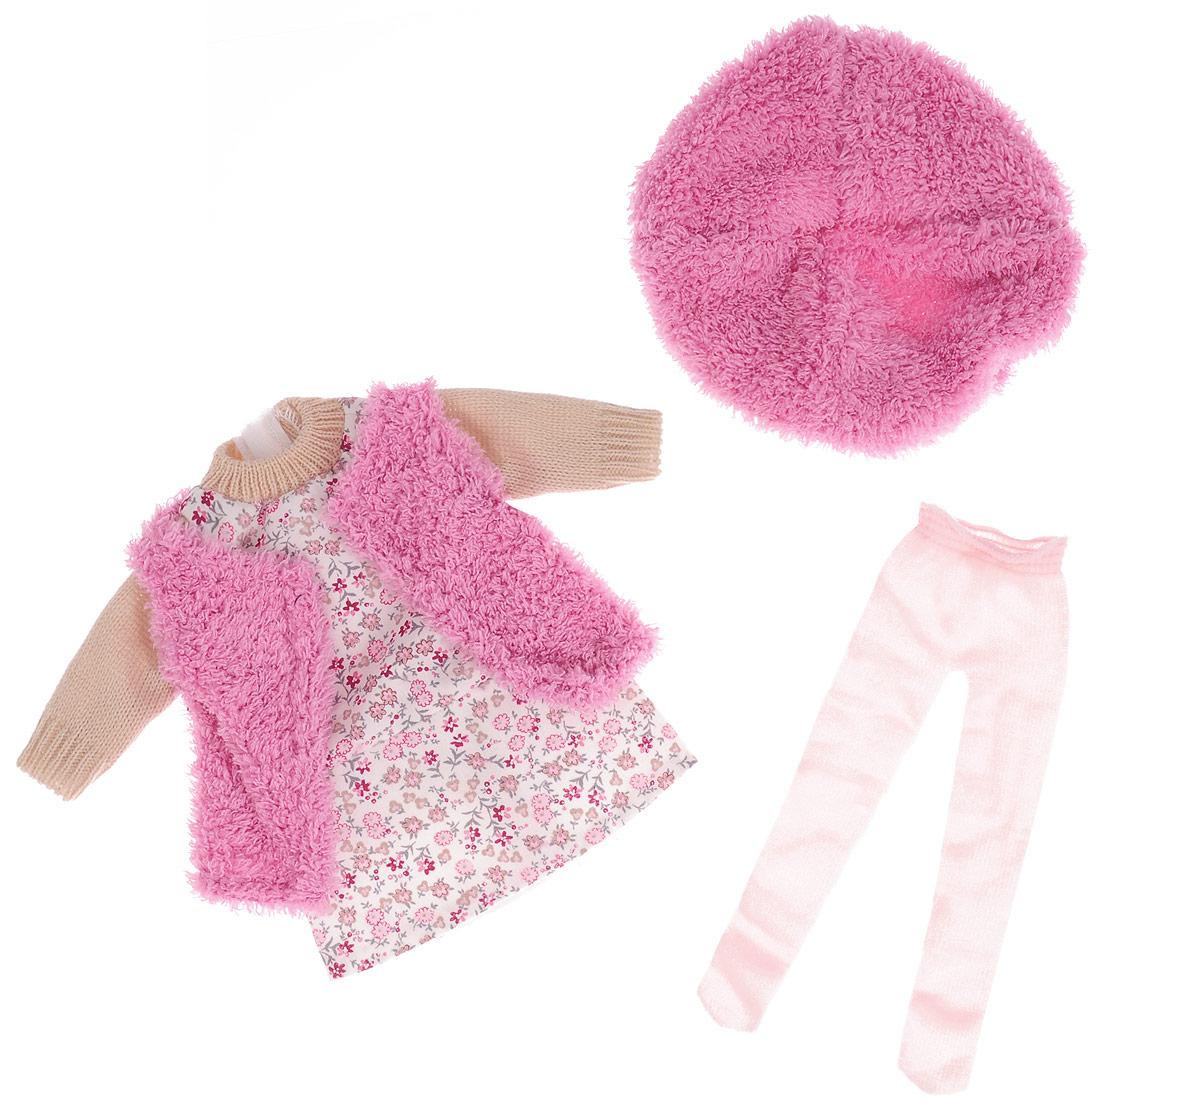 Vestida de Azul Комплект одежды для куклы Паулины Весна Бохо Шик куклы и одежда для кукол vestida de azul паулина рыжая кудряшка лето прованс